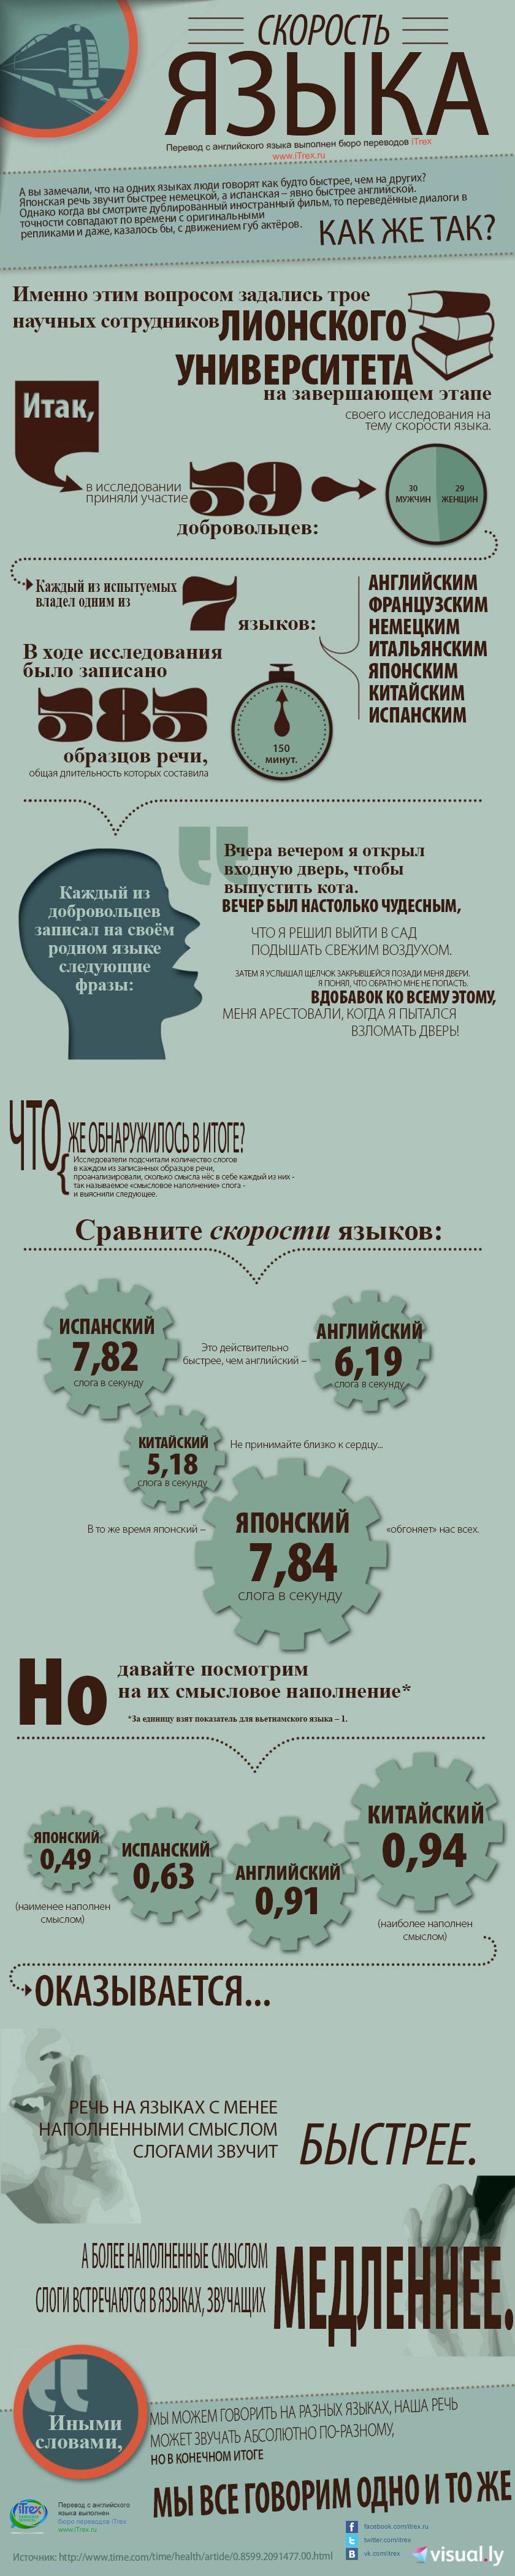 инфографика: скорость языка